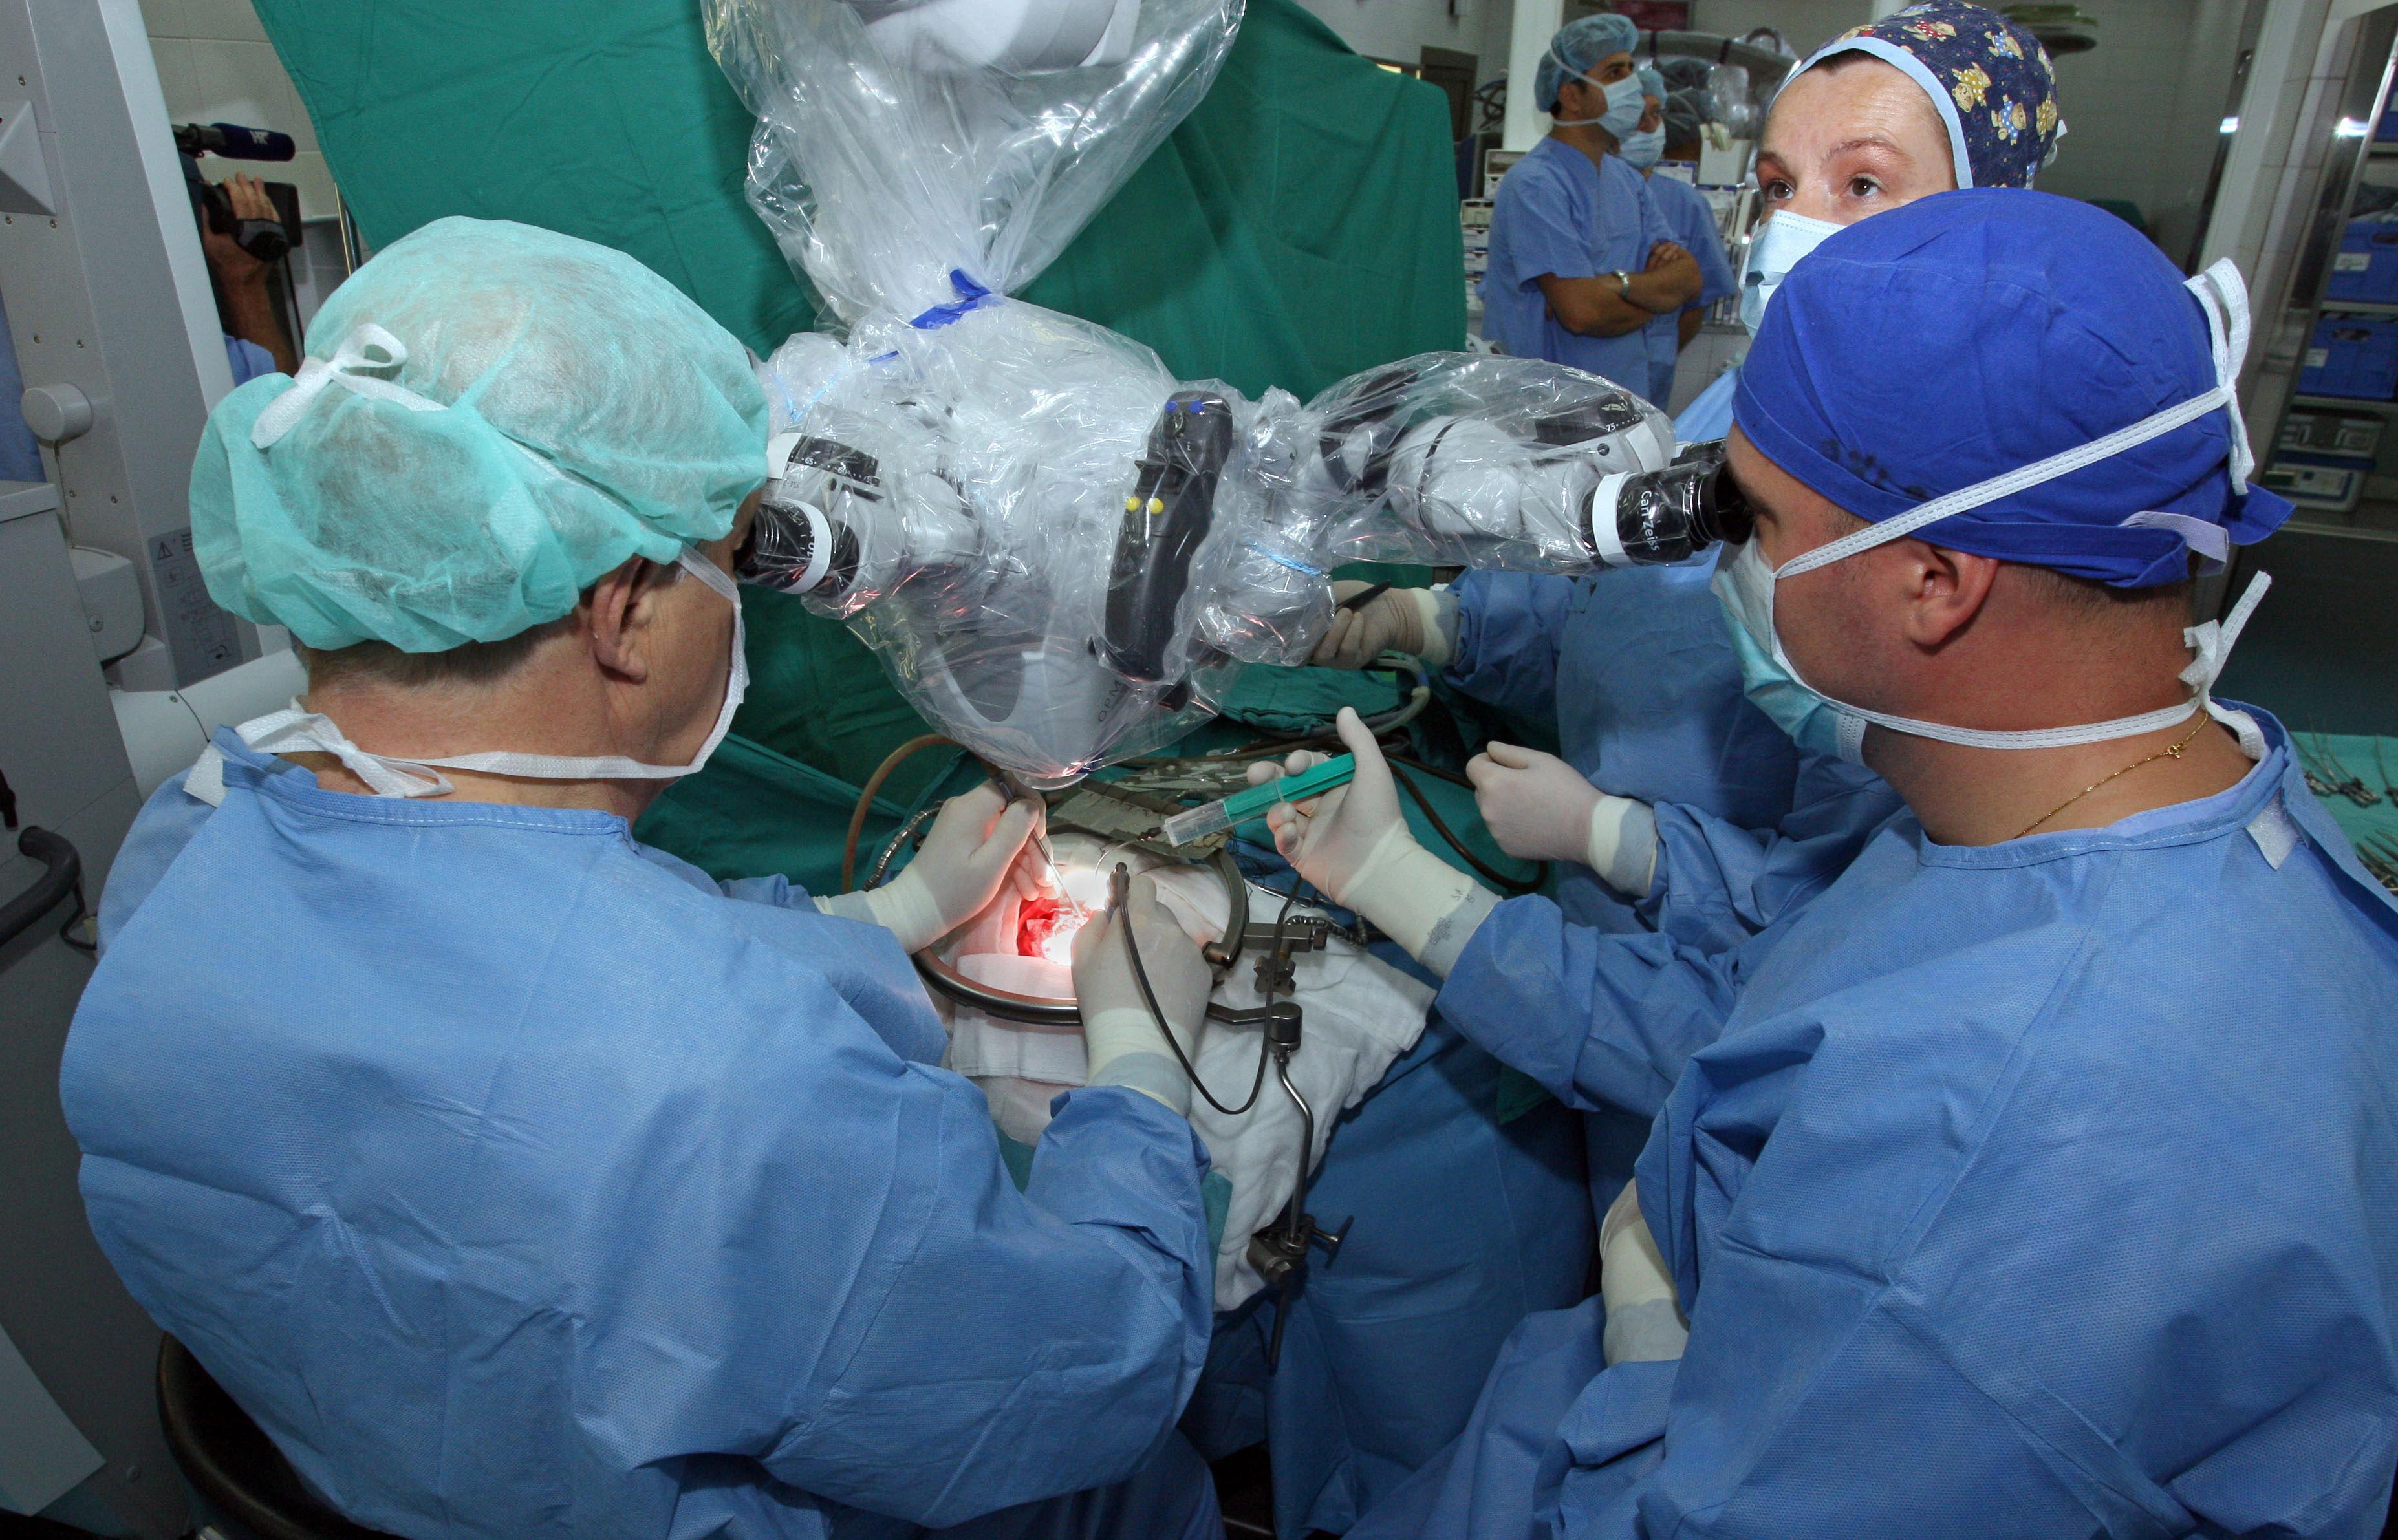 Umro Thomas Starzl, jedan od pionira transplantacije organa